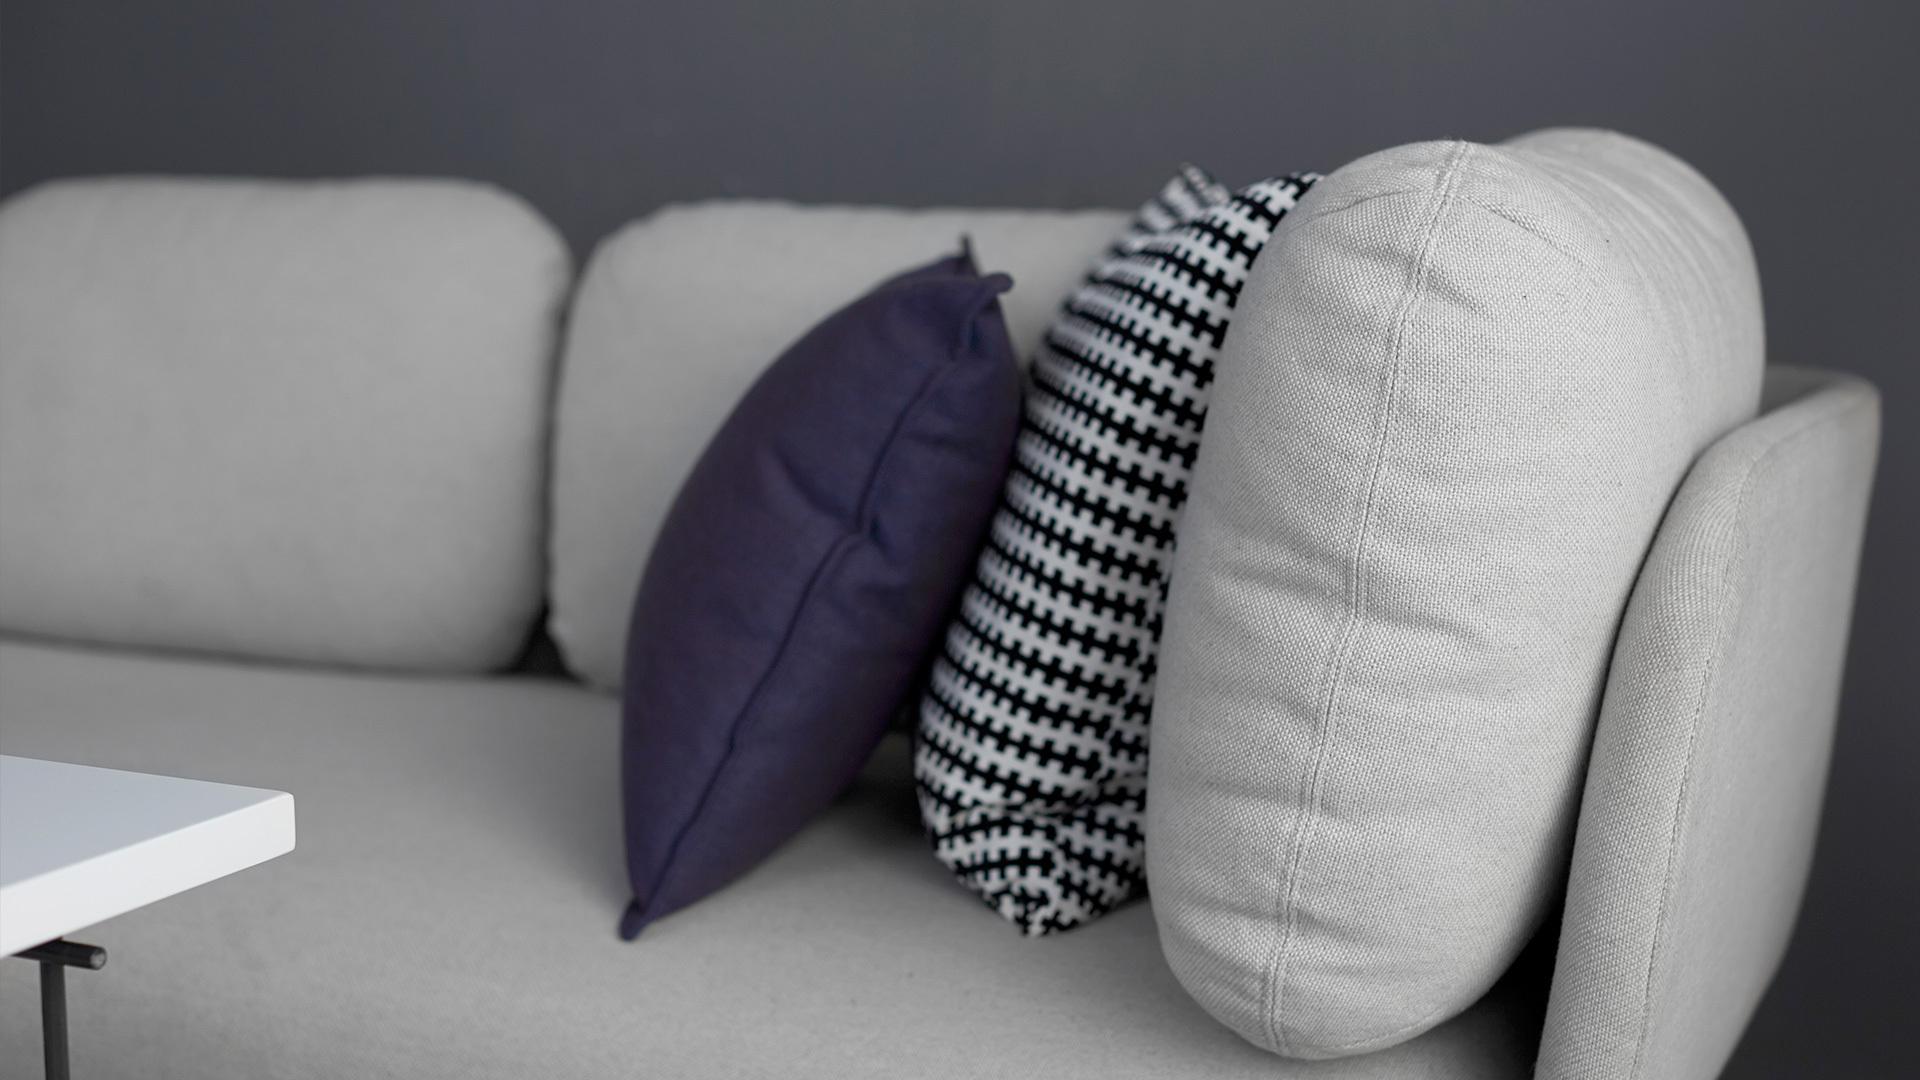 除了沙发自带的靠枕,不用介意再多加几个,但注意换成不同的size和其他的同色调,颜值和舒适度兼得。